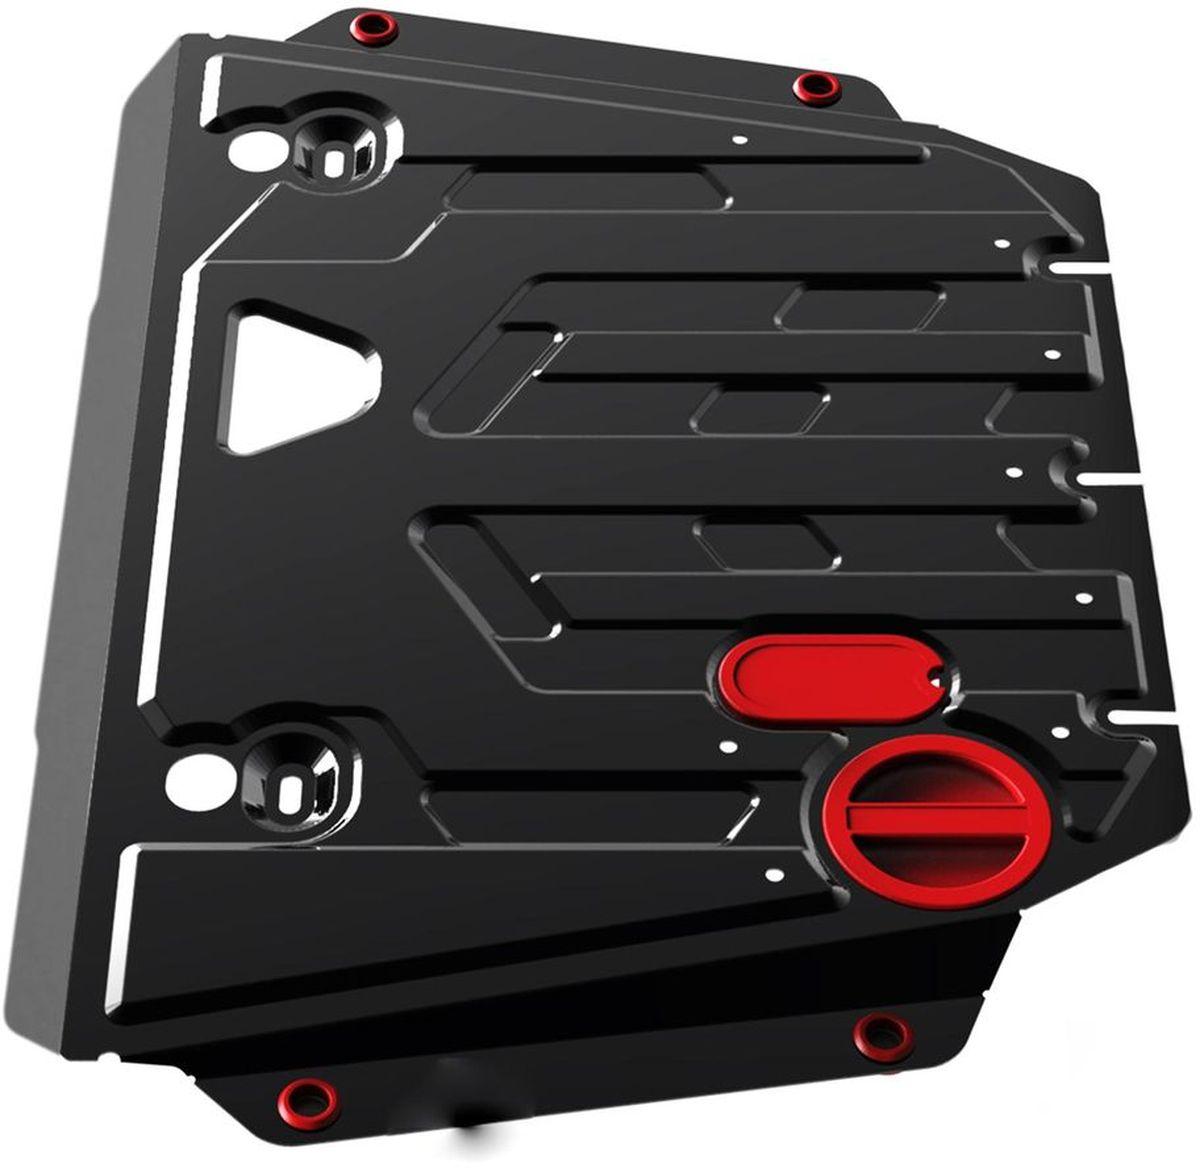 Защита картера и КПП Автоброня Citroёn C3 2010-, сталь 2 мм111.01205.1Защита картера и КПП Автоброня Citroёn C3, V - 1,4; 1,6 2010-, сталь 2 мм, комплект крепежа, 111.01205.1Стальные защиты Автоброня надежно защищают ваш автомобиль от повреждений при наезде на бордюры, выступающие канализационные люки, кромки поврежденного асфальта или при ремонте дорог, не говоря уже о загородных дорогах.- Имеют оптимальное соотношение цена-качество.- Спроектированы с учетом особенностей автомобиля, что делает установку удобной.- Защита устанавливается в штатные места кузова автомобиля.- Является надежной защитой для важных элементов на протяжении долгих лет.- Глубокий штамп дополнительно усиливает конструкцию защиты.- Подштамповка в местах крепления защищает крепеж от срезания.- Технологические отверстия там, где они необходимы для смены масла и слива воды, оборудованные заглушками, закрепленными на защите.Толщина стали 2 мм.В комплекте крепеж и инструкция по установке.Уважаемые клиенты!Обращаем ваше внимание на тот факт, что защита имеет форму, соответствующую модели данного автомобиля. Наличие глубокого штампа и лючков для смены фильтров/масла предусмотрено не на всех защитах. Фото служит для визуального восприятия товара.